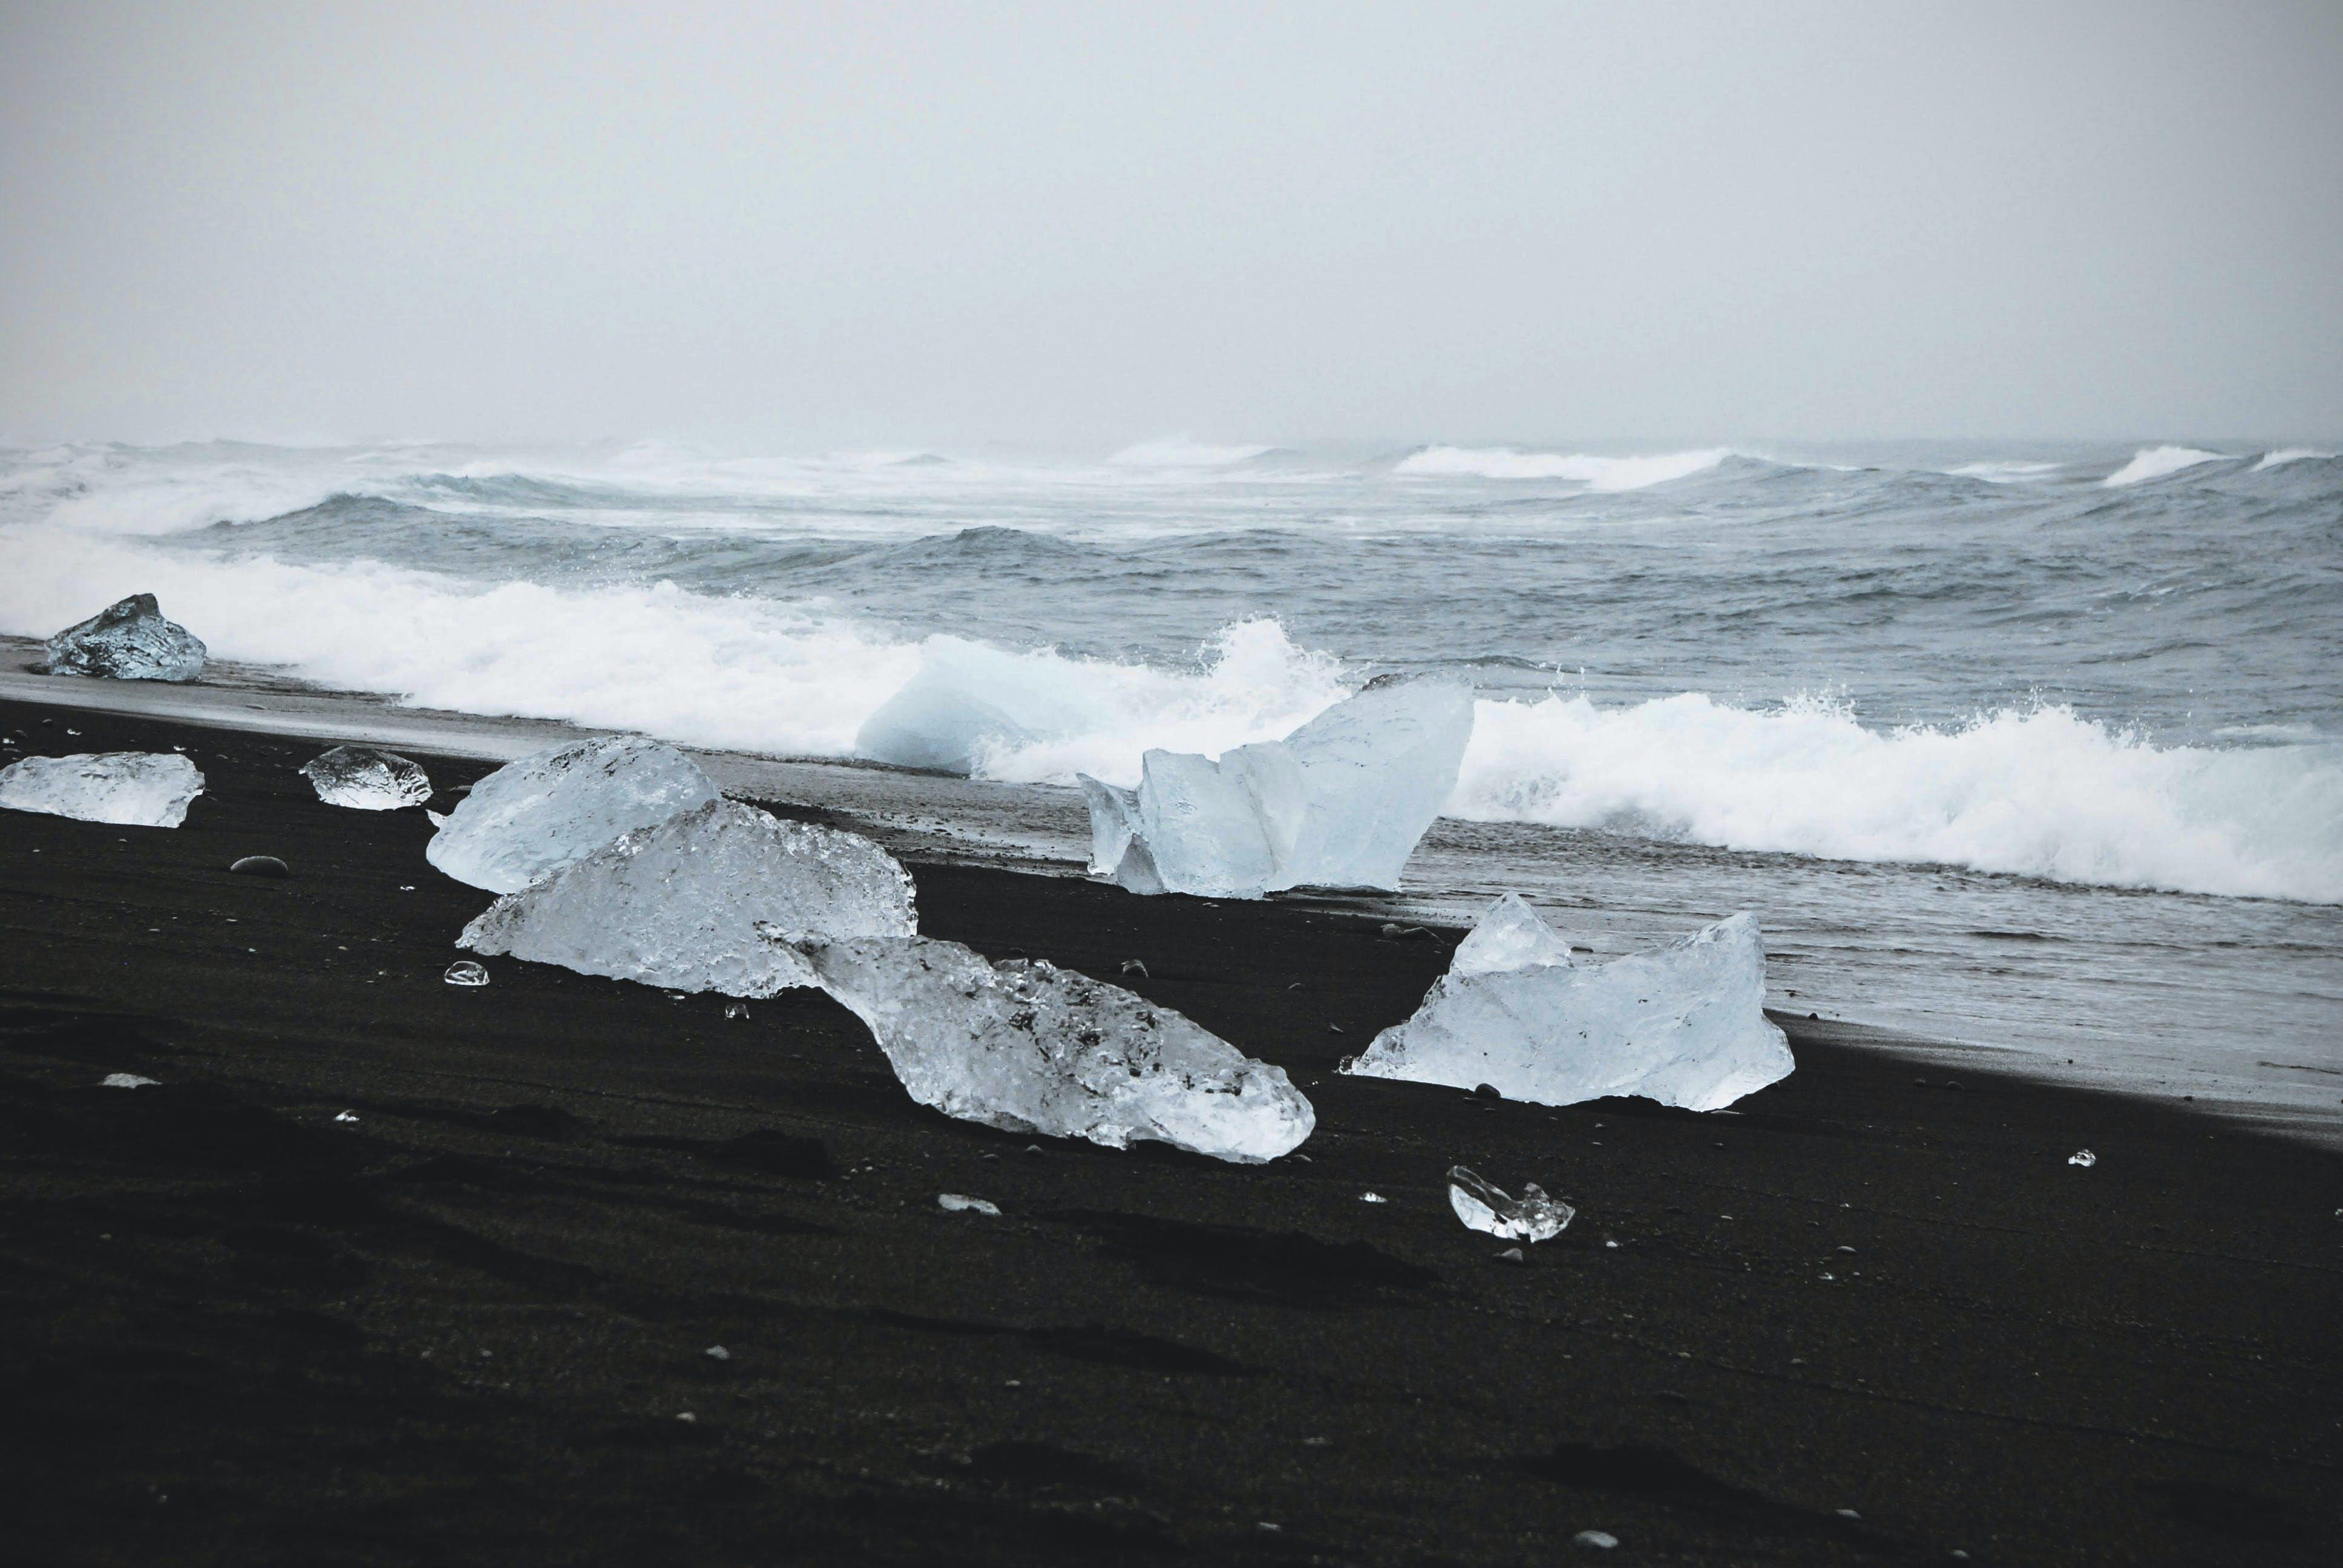 Fotos de stock gratuitas de agua, al lado del océano, arena, congelado